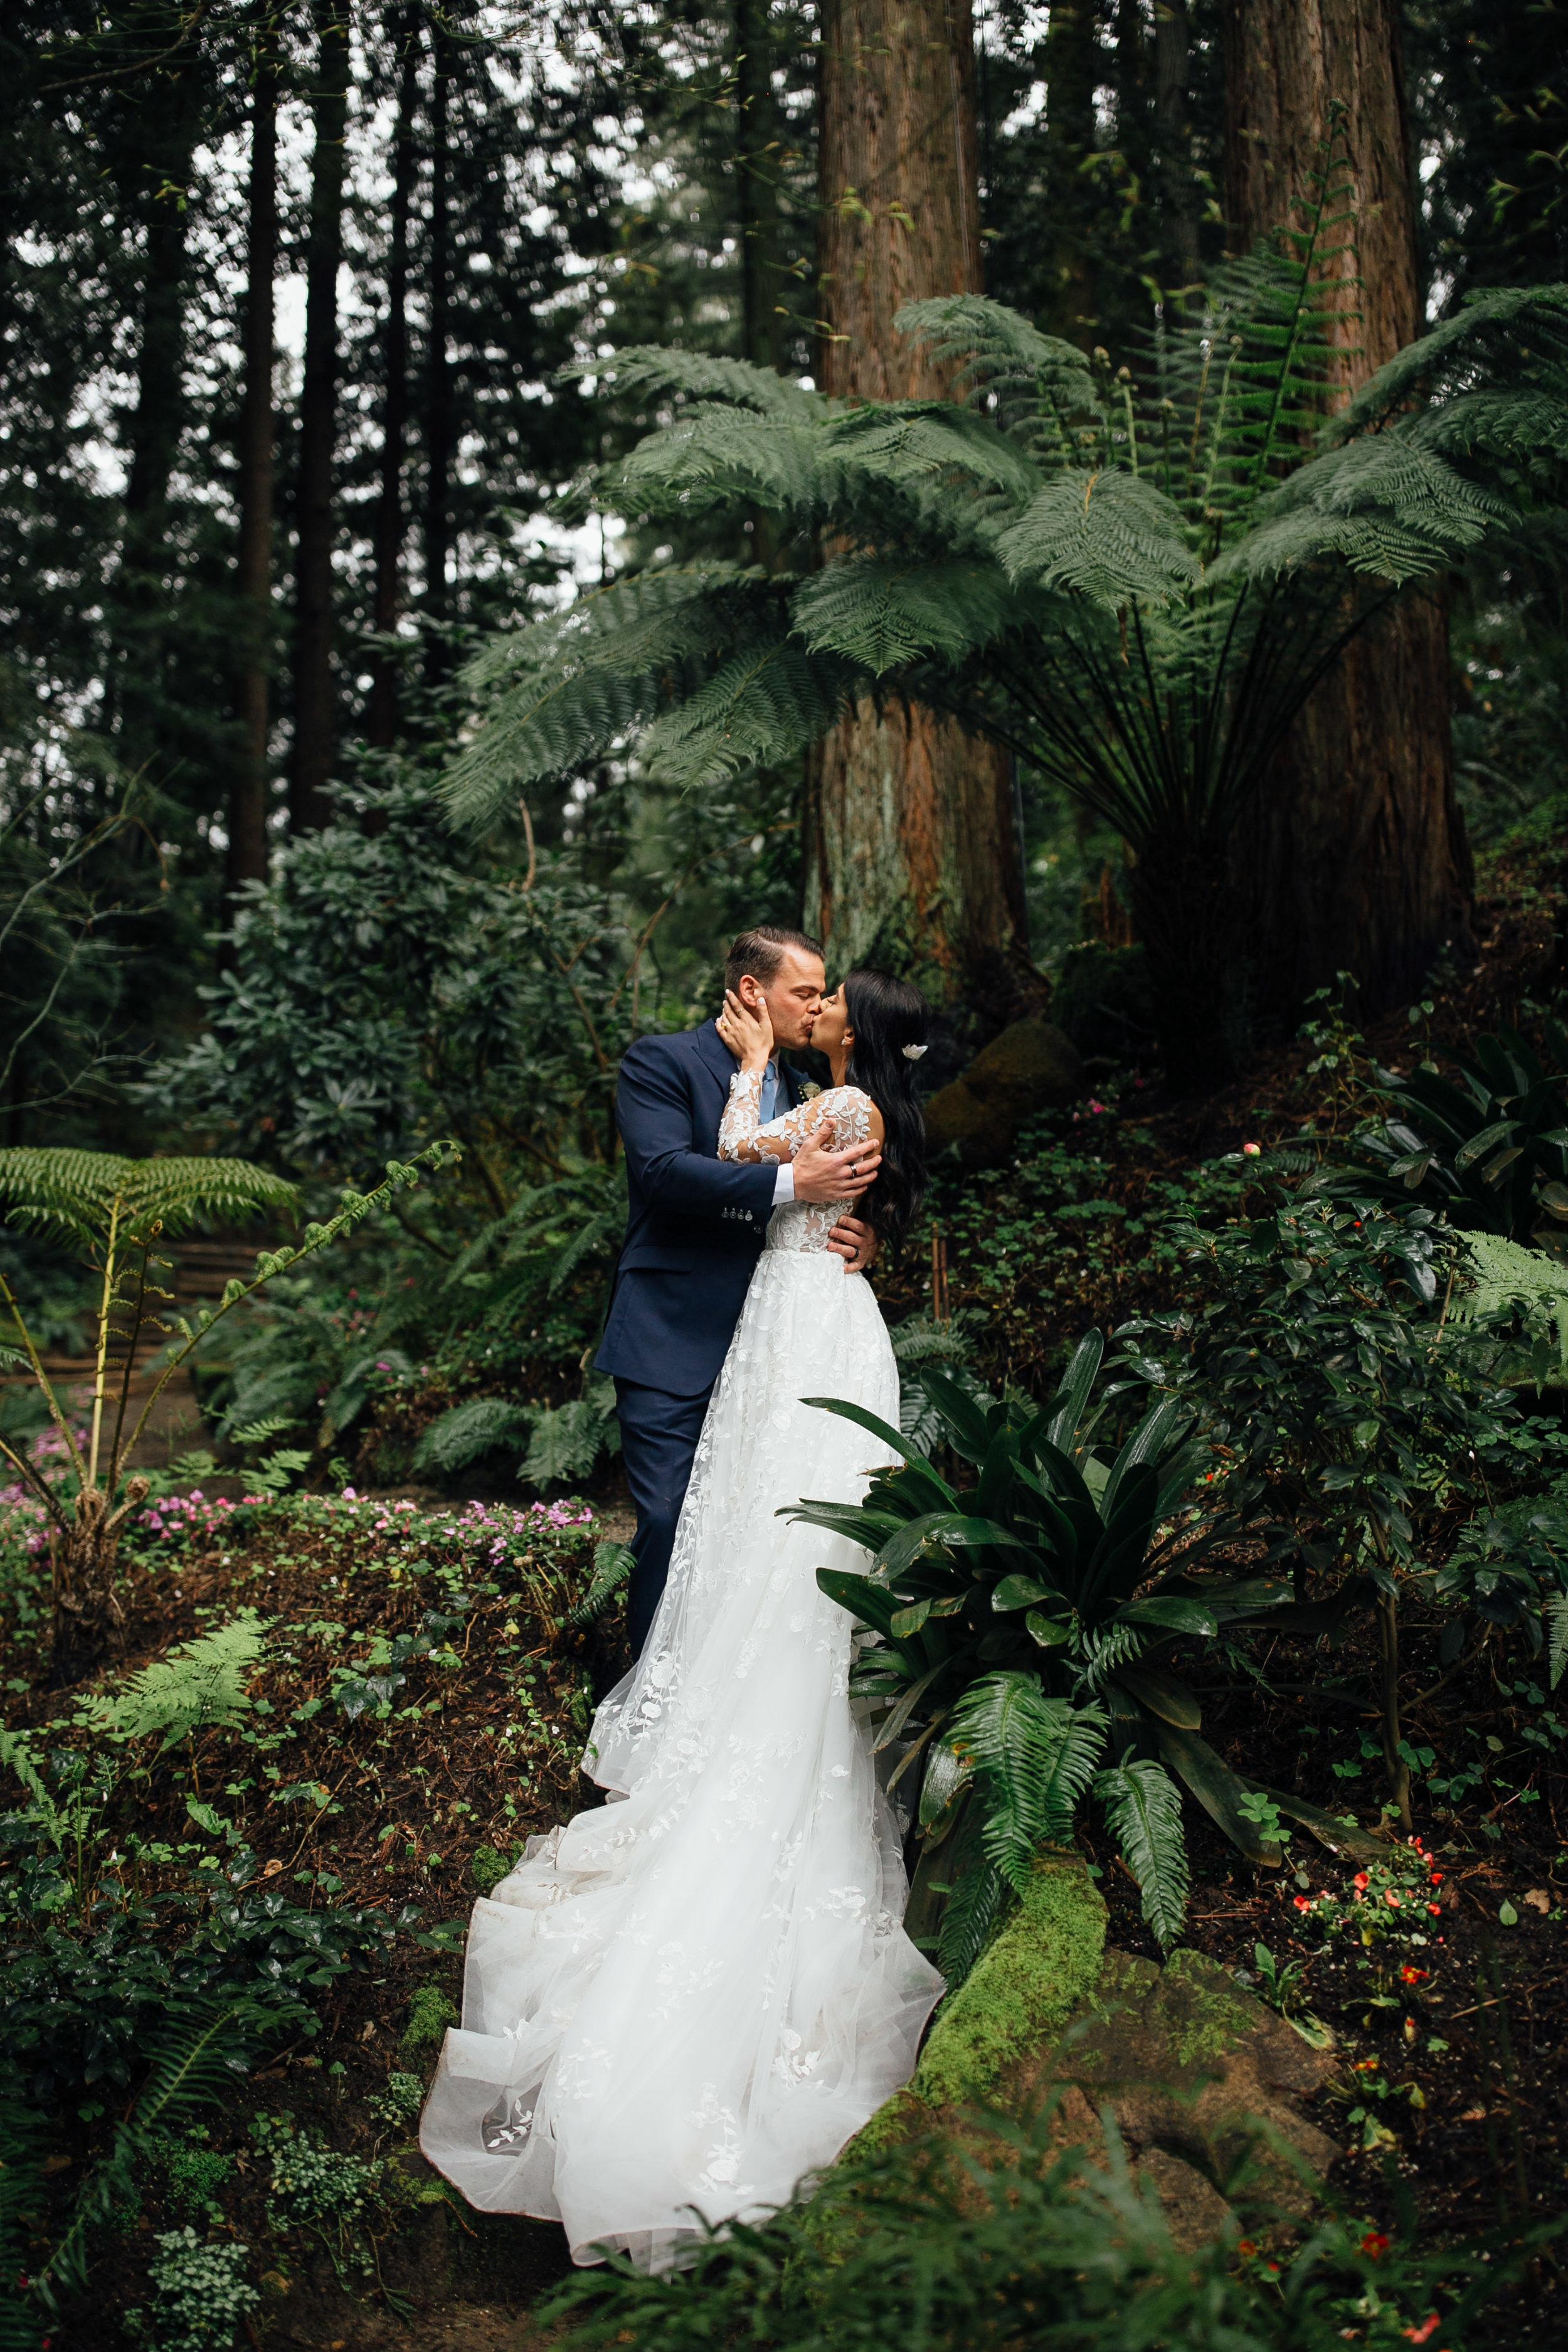 Wedding_T&A_SneakPeek_67.jpg